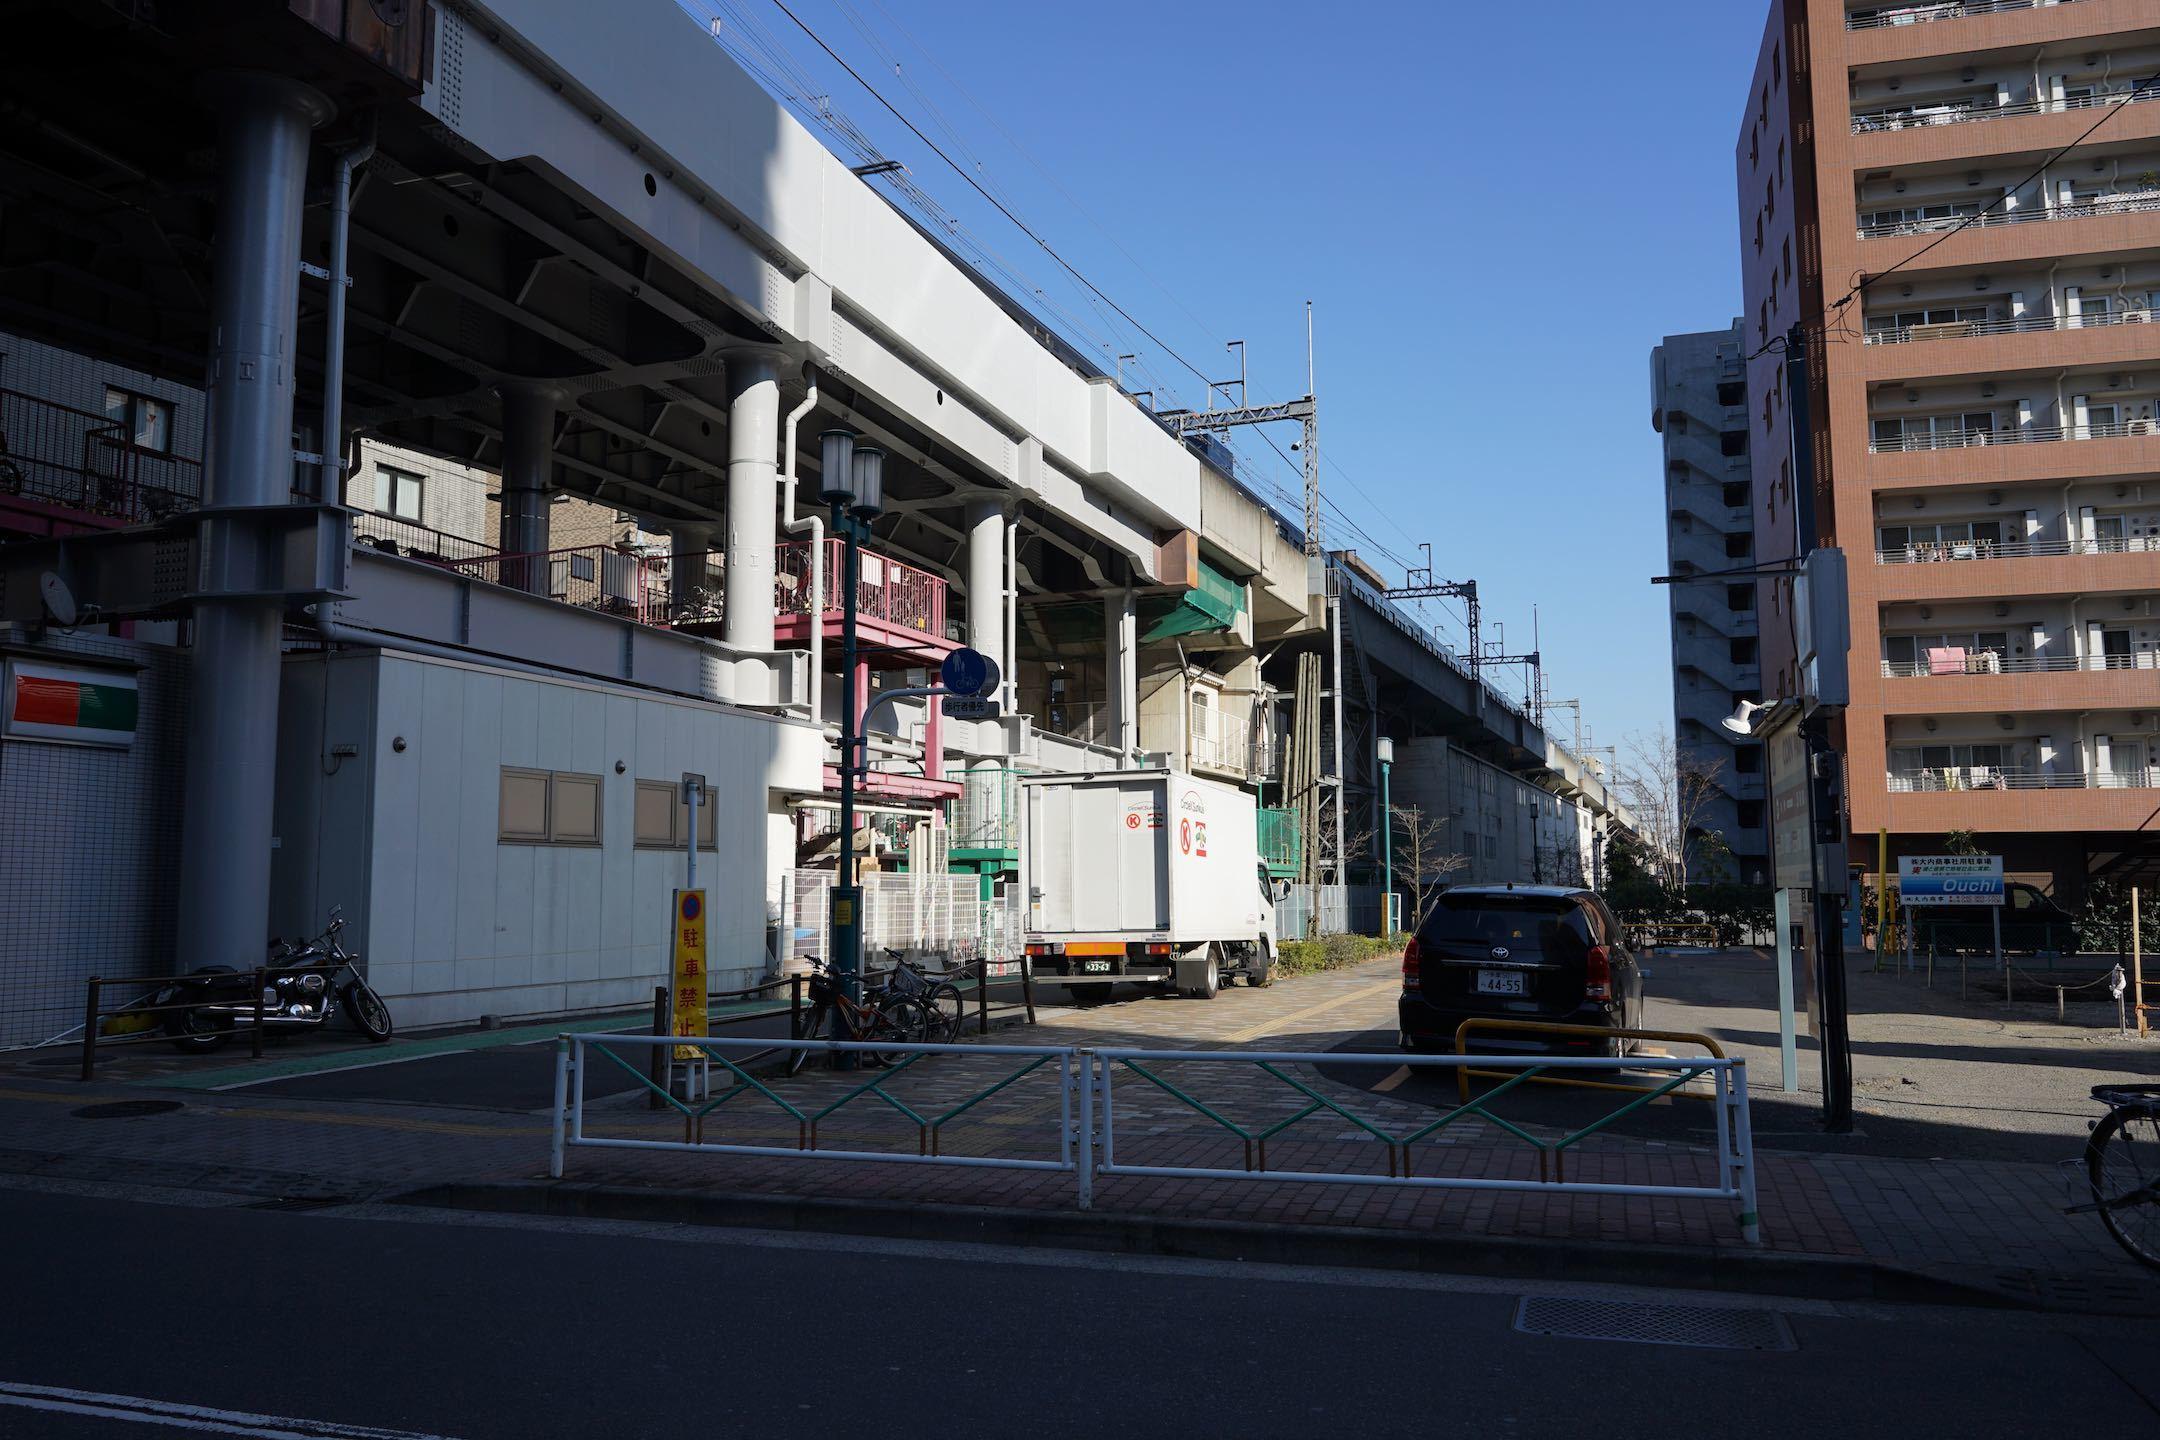 府中駅周辺 26_b0360240_08594109.jpg